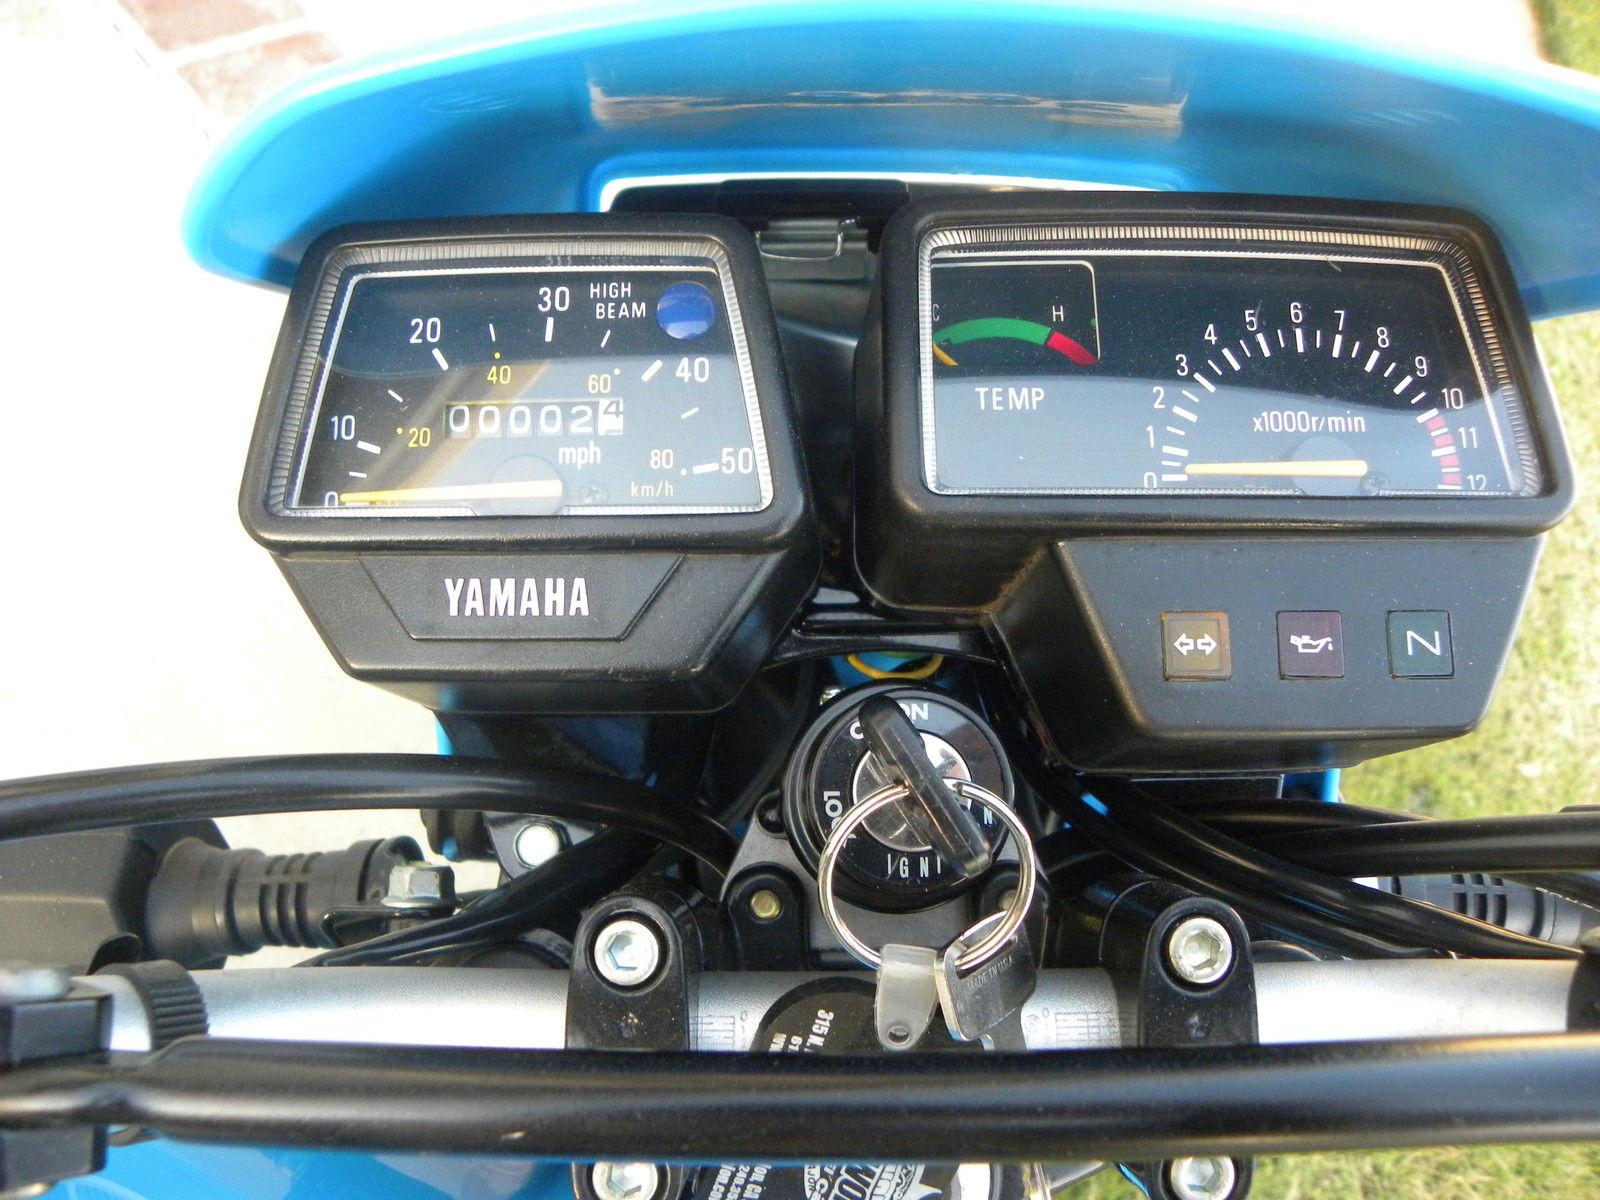 Yamaha dt 50 wiring diagram | wiring diagram libraries.